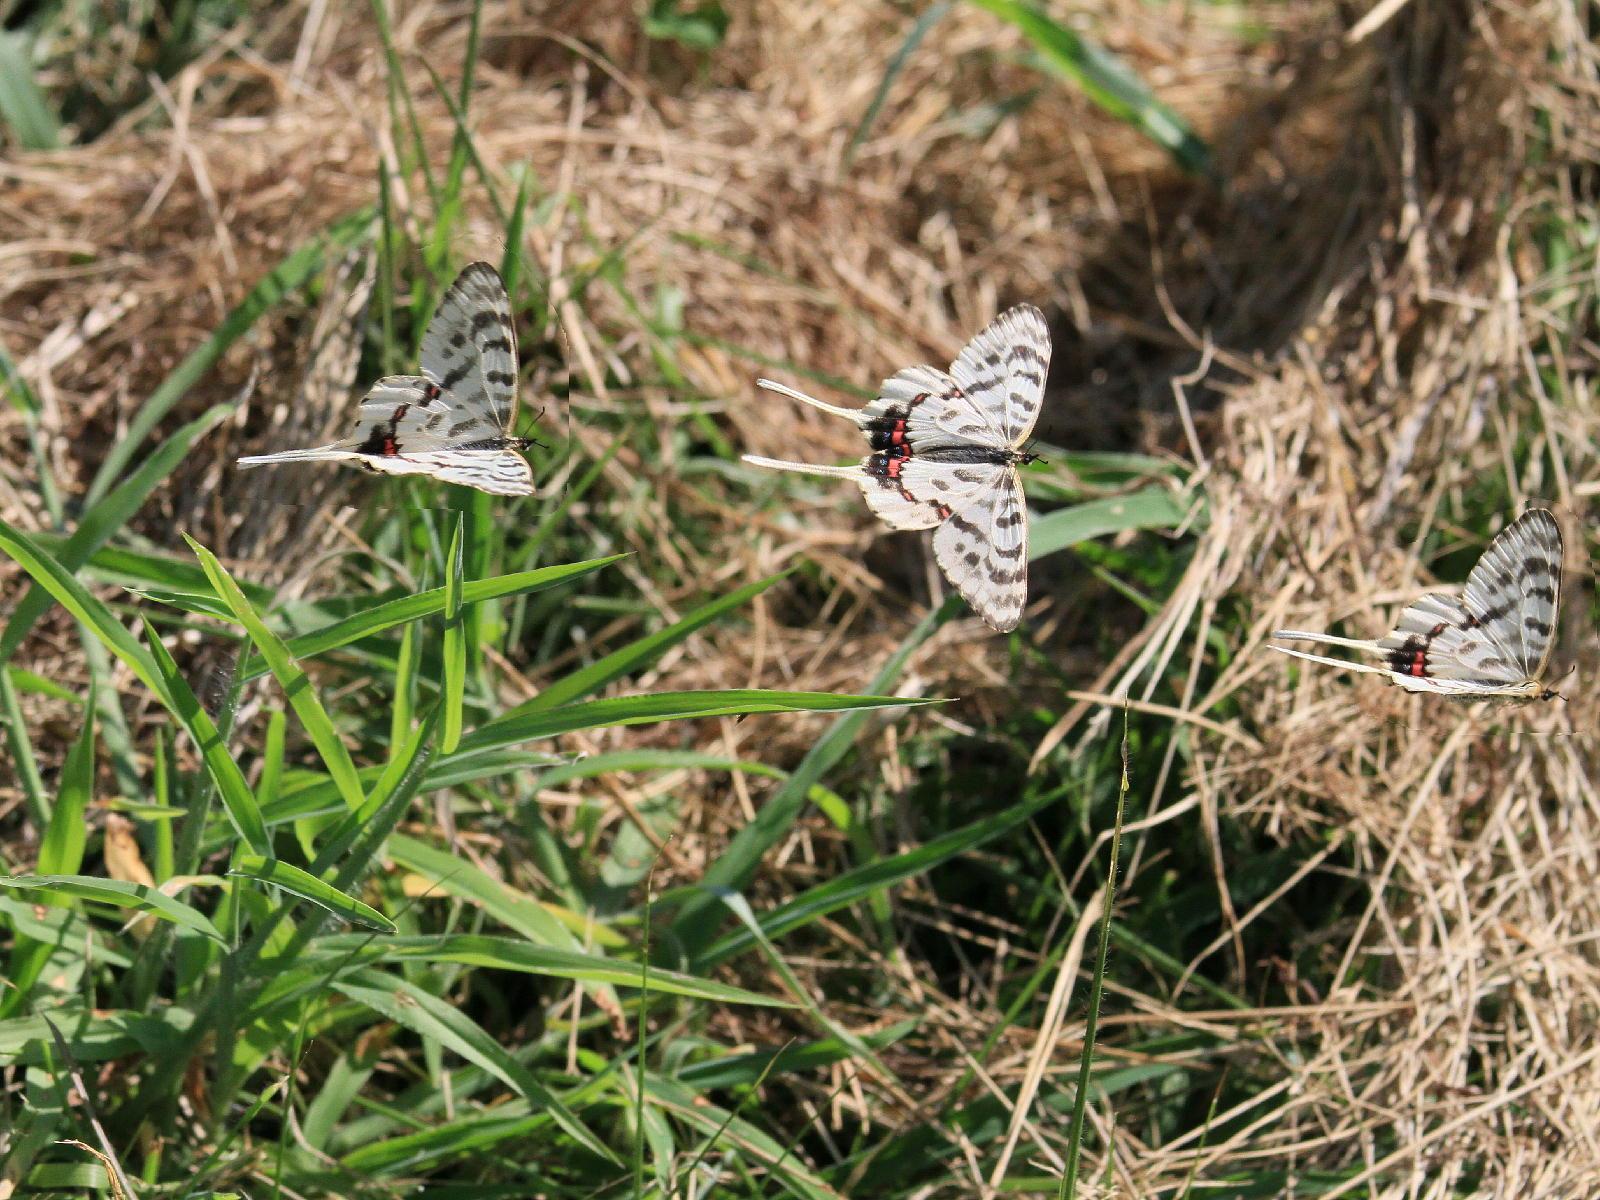 晩夏の里山探蝶記その1 ホソオチョウの夏型は暑さにめげずにスイスイ飛翔中  2010.8.29狭山丘陵 _a0146869_622032.jpg